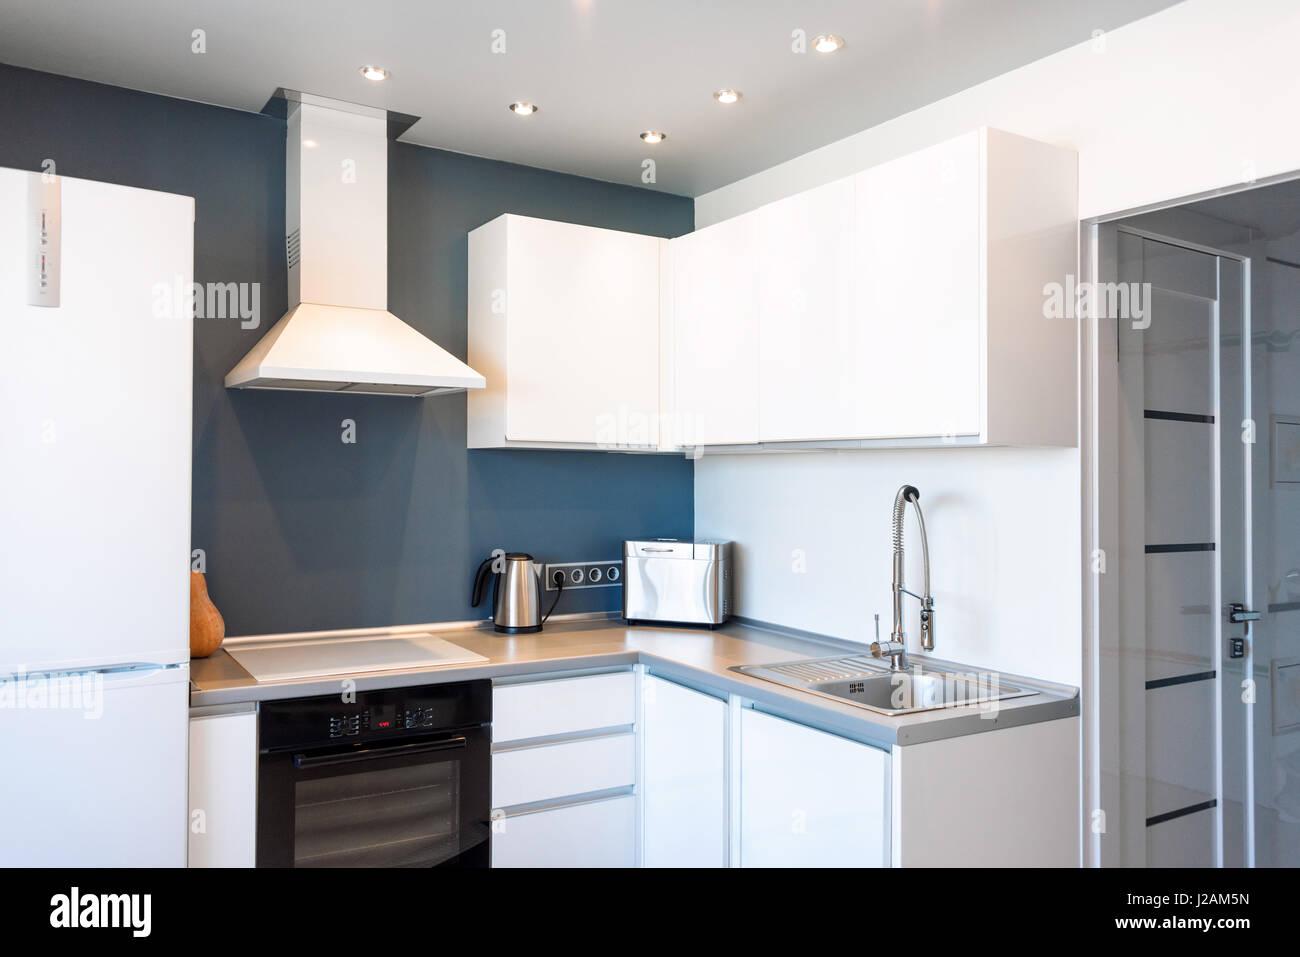 Innere des modernen Küche in einem geräumigen Appartement Stockfoto ...